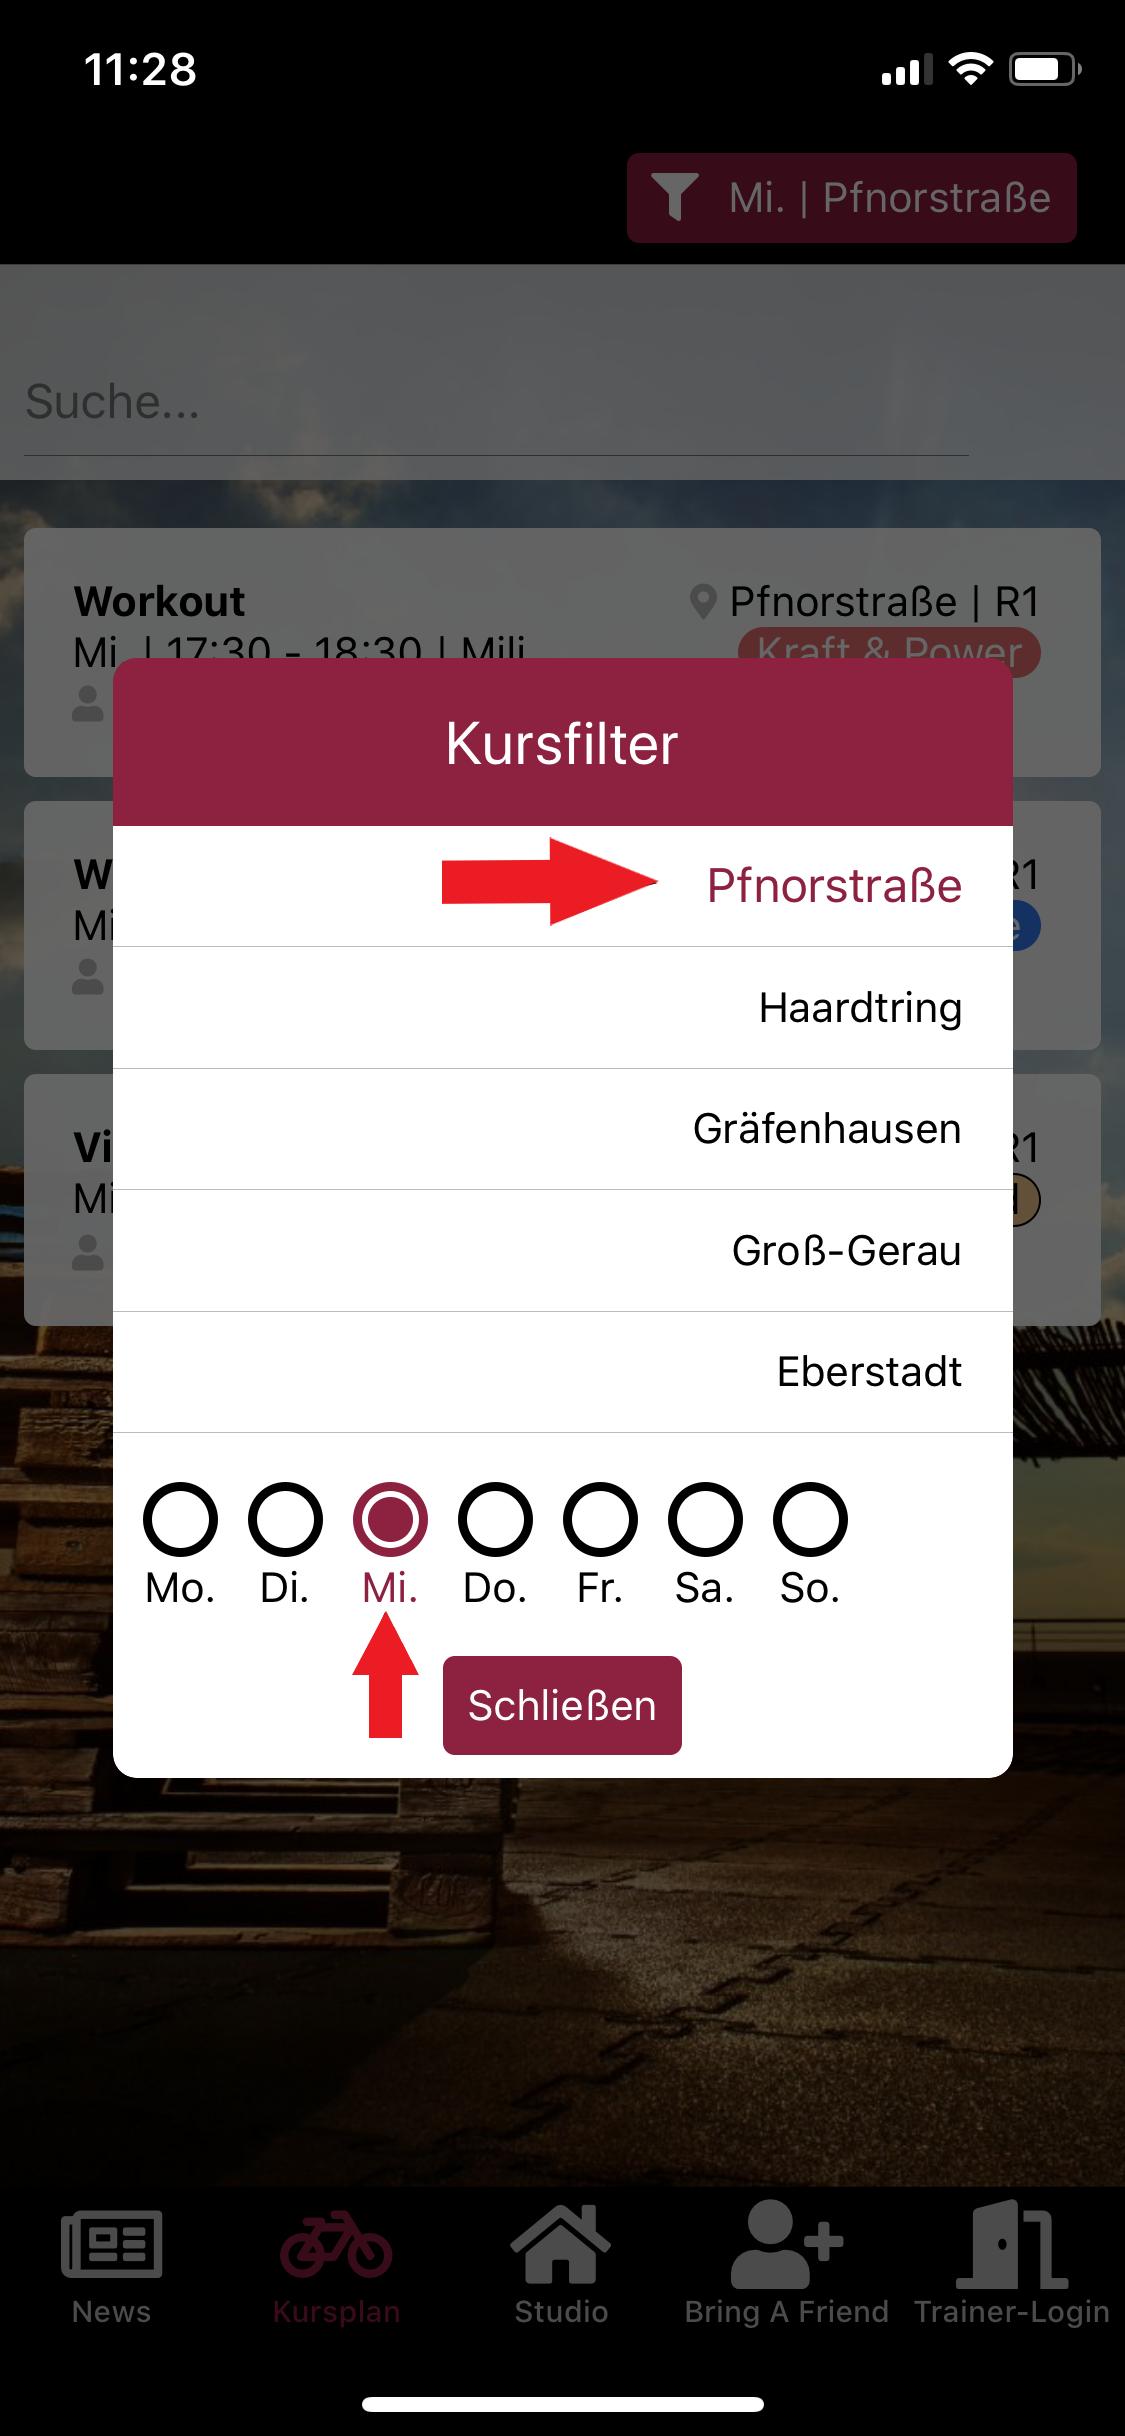 Kursfilter in der App